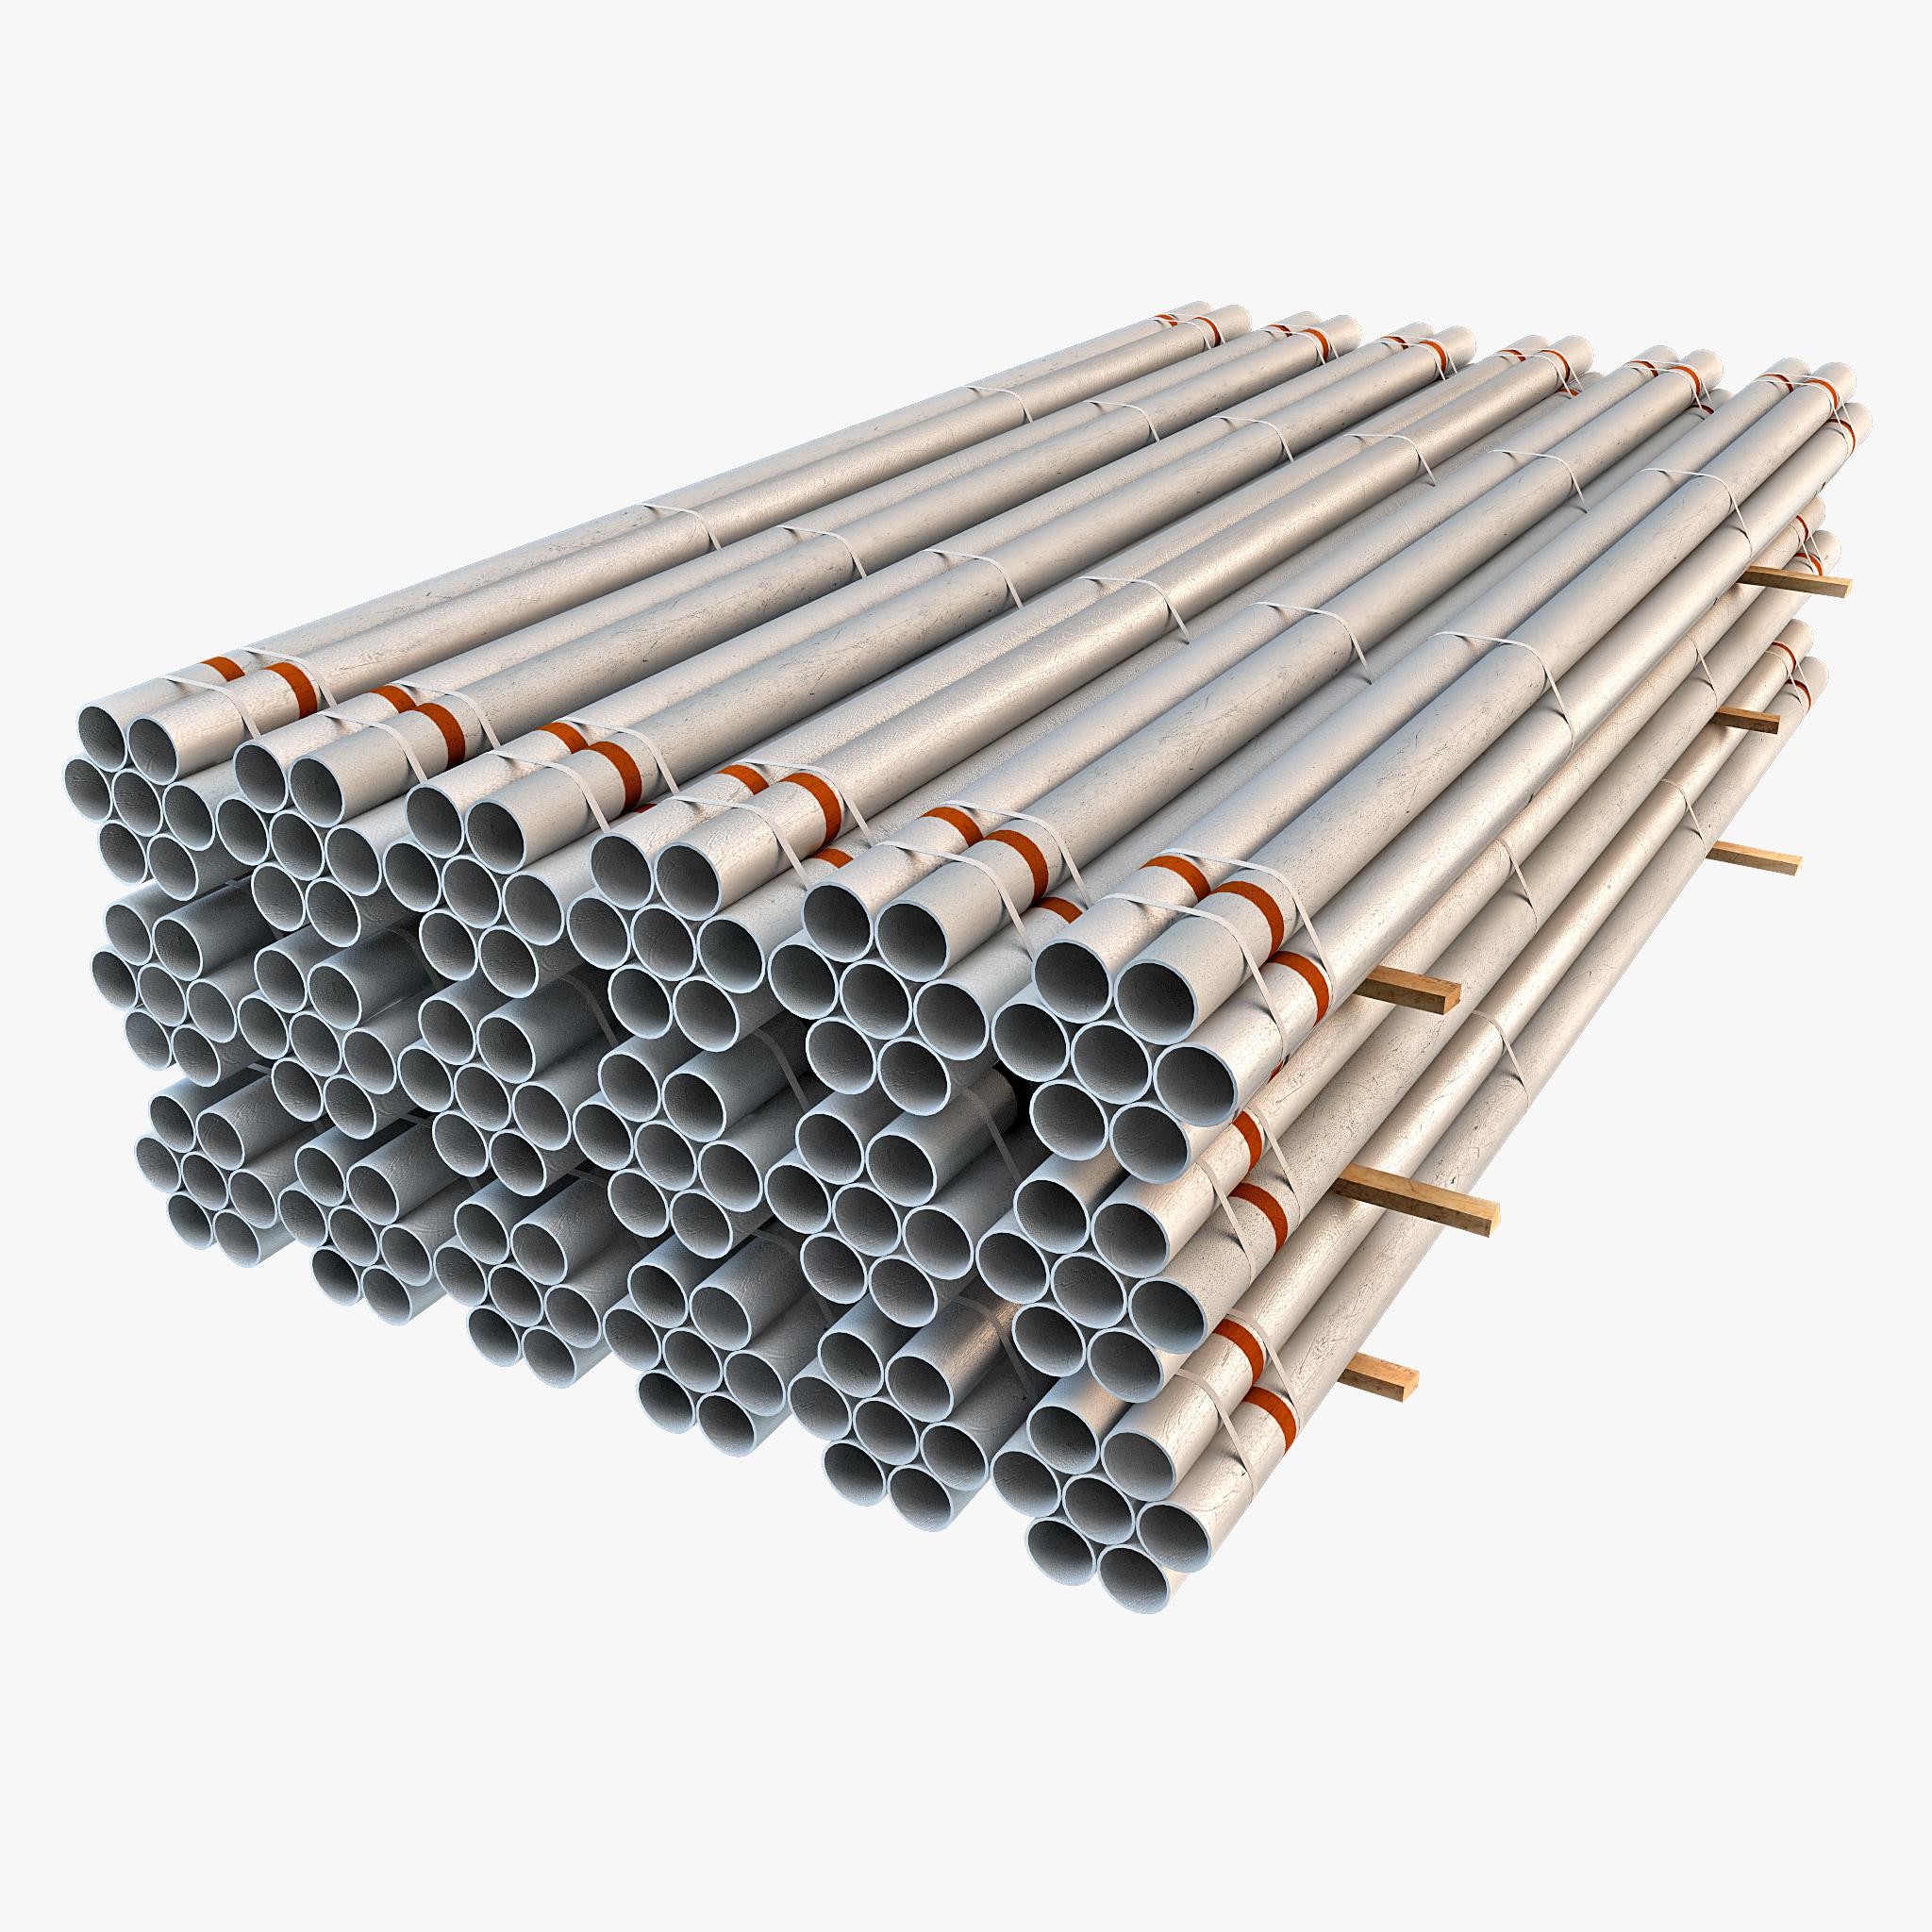 273143_Seamless_Steel_Pipe_0000.jpg